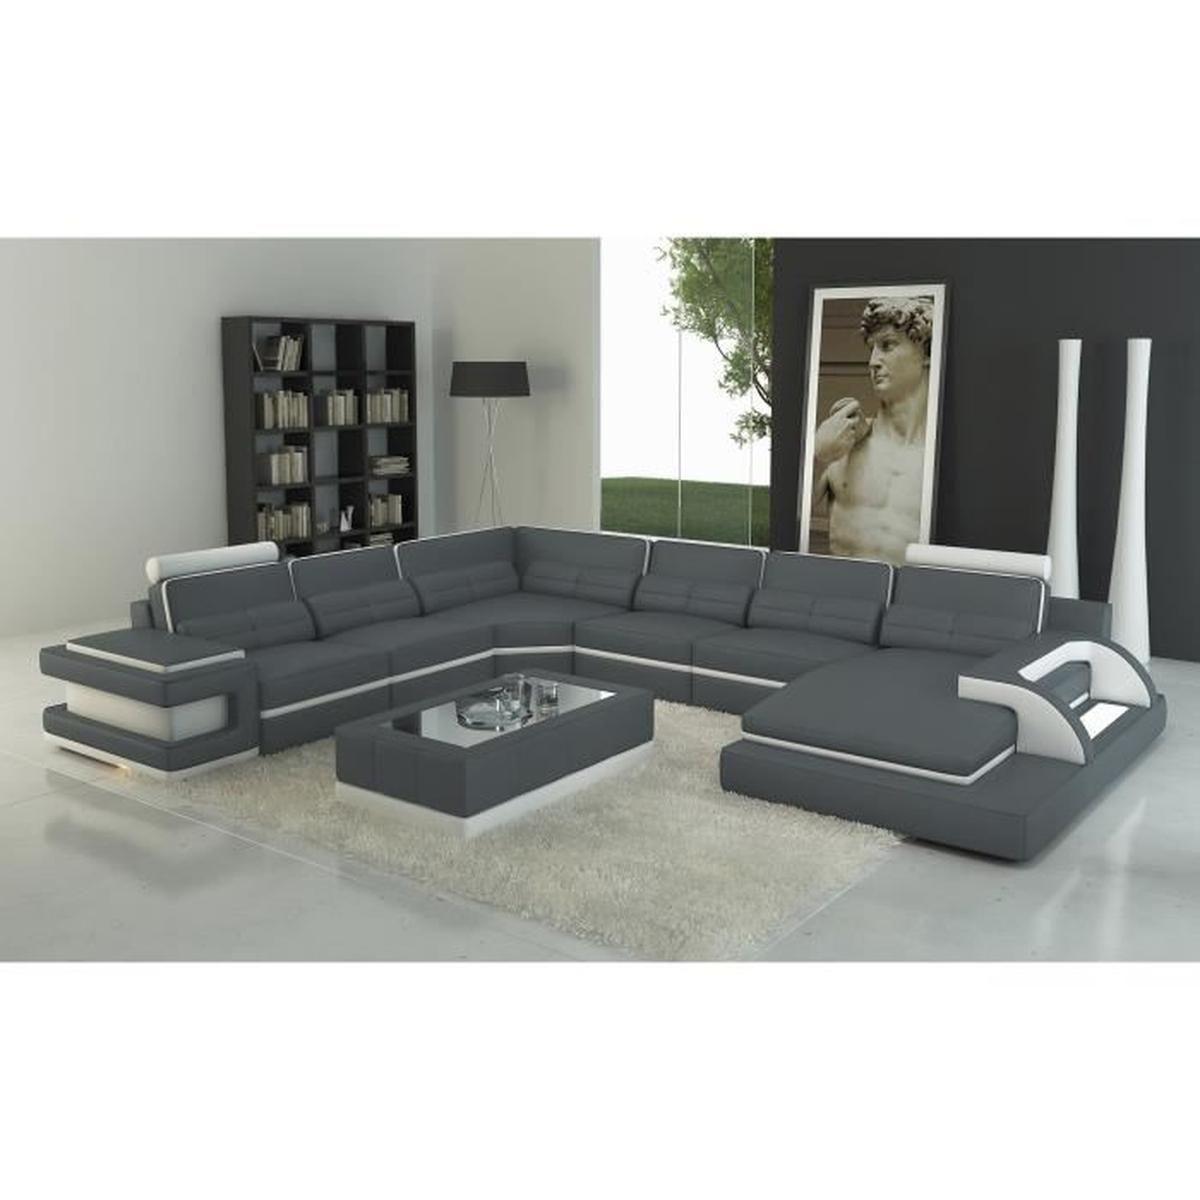 Canapé panoramique cuir gris et blanc design avec lumière